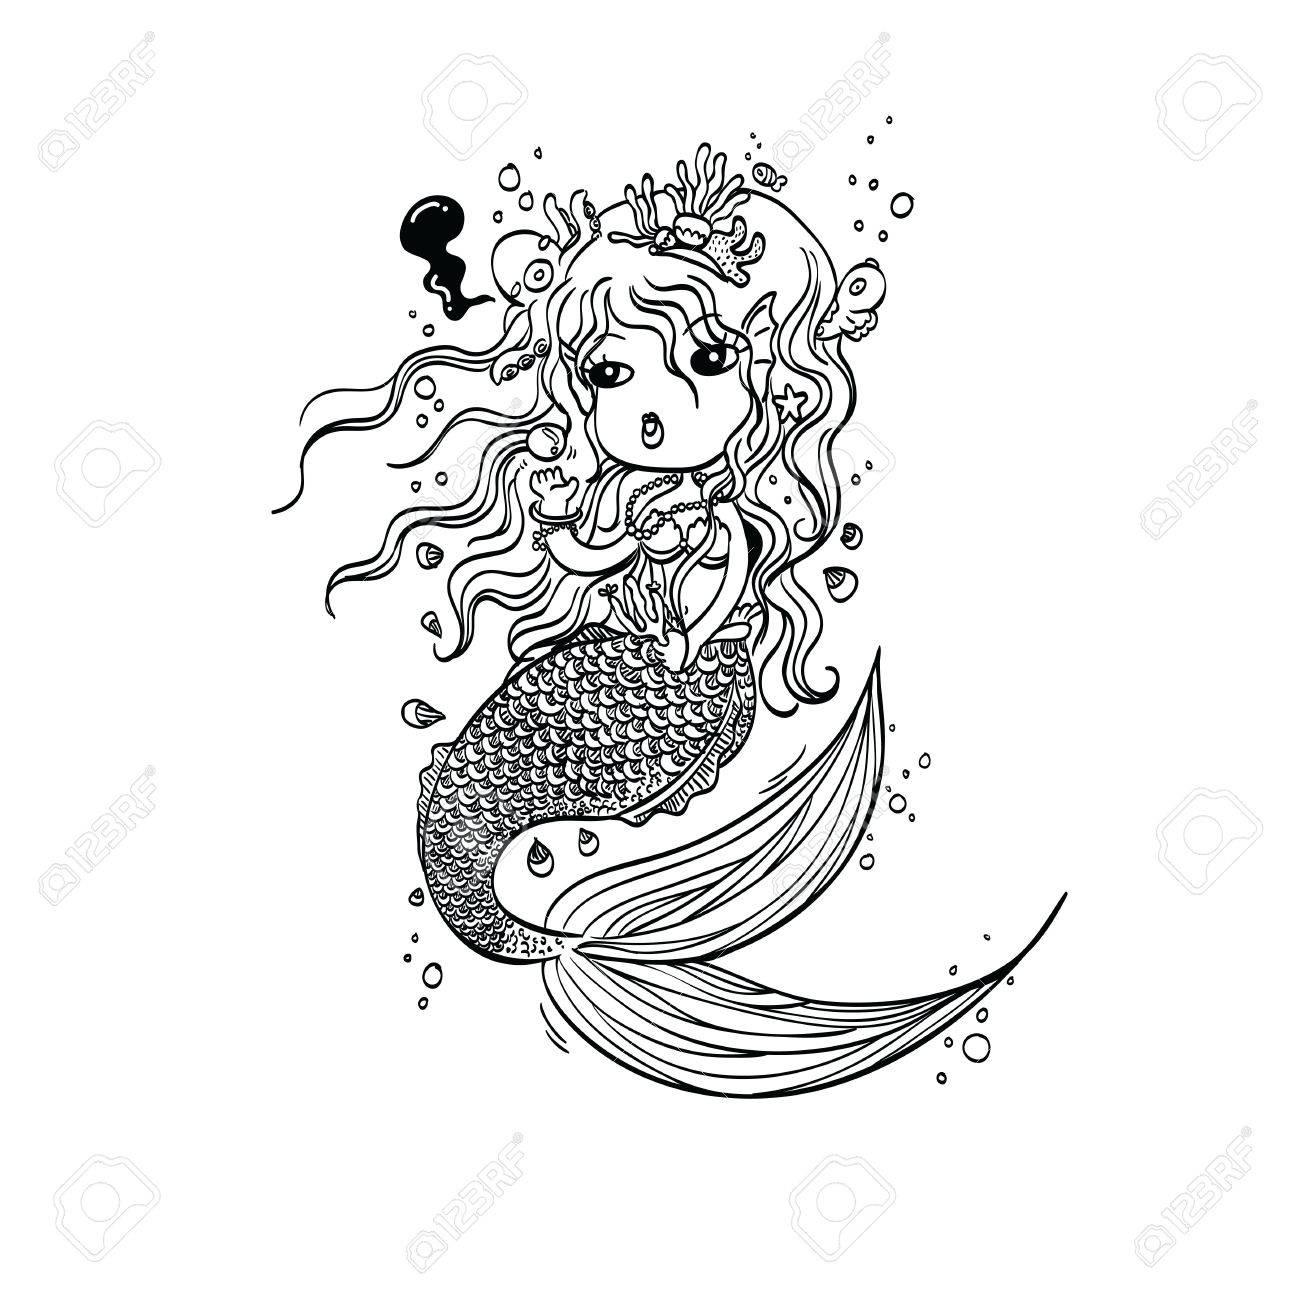 Ilustración Del Vector De La Sirenita Bajo La Mano Drawn Mar Personaje De Dibujos Animados Para Colorear Doodle